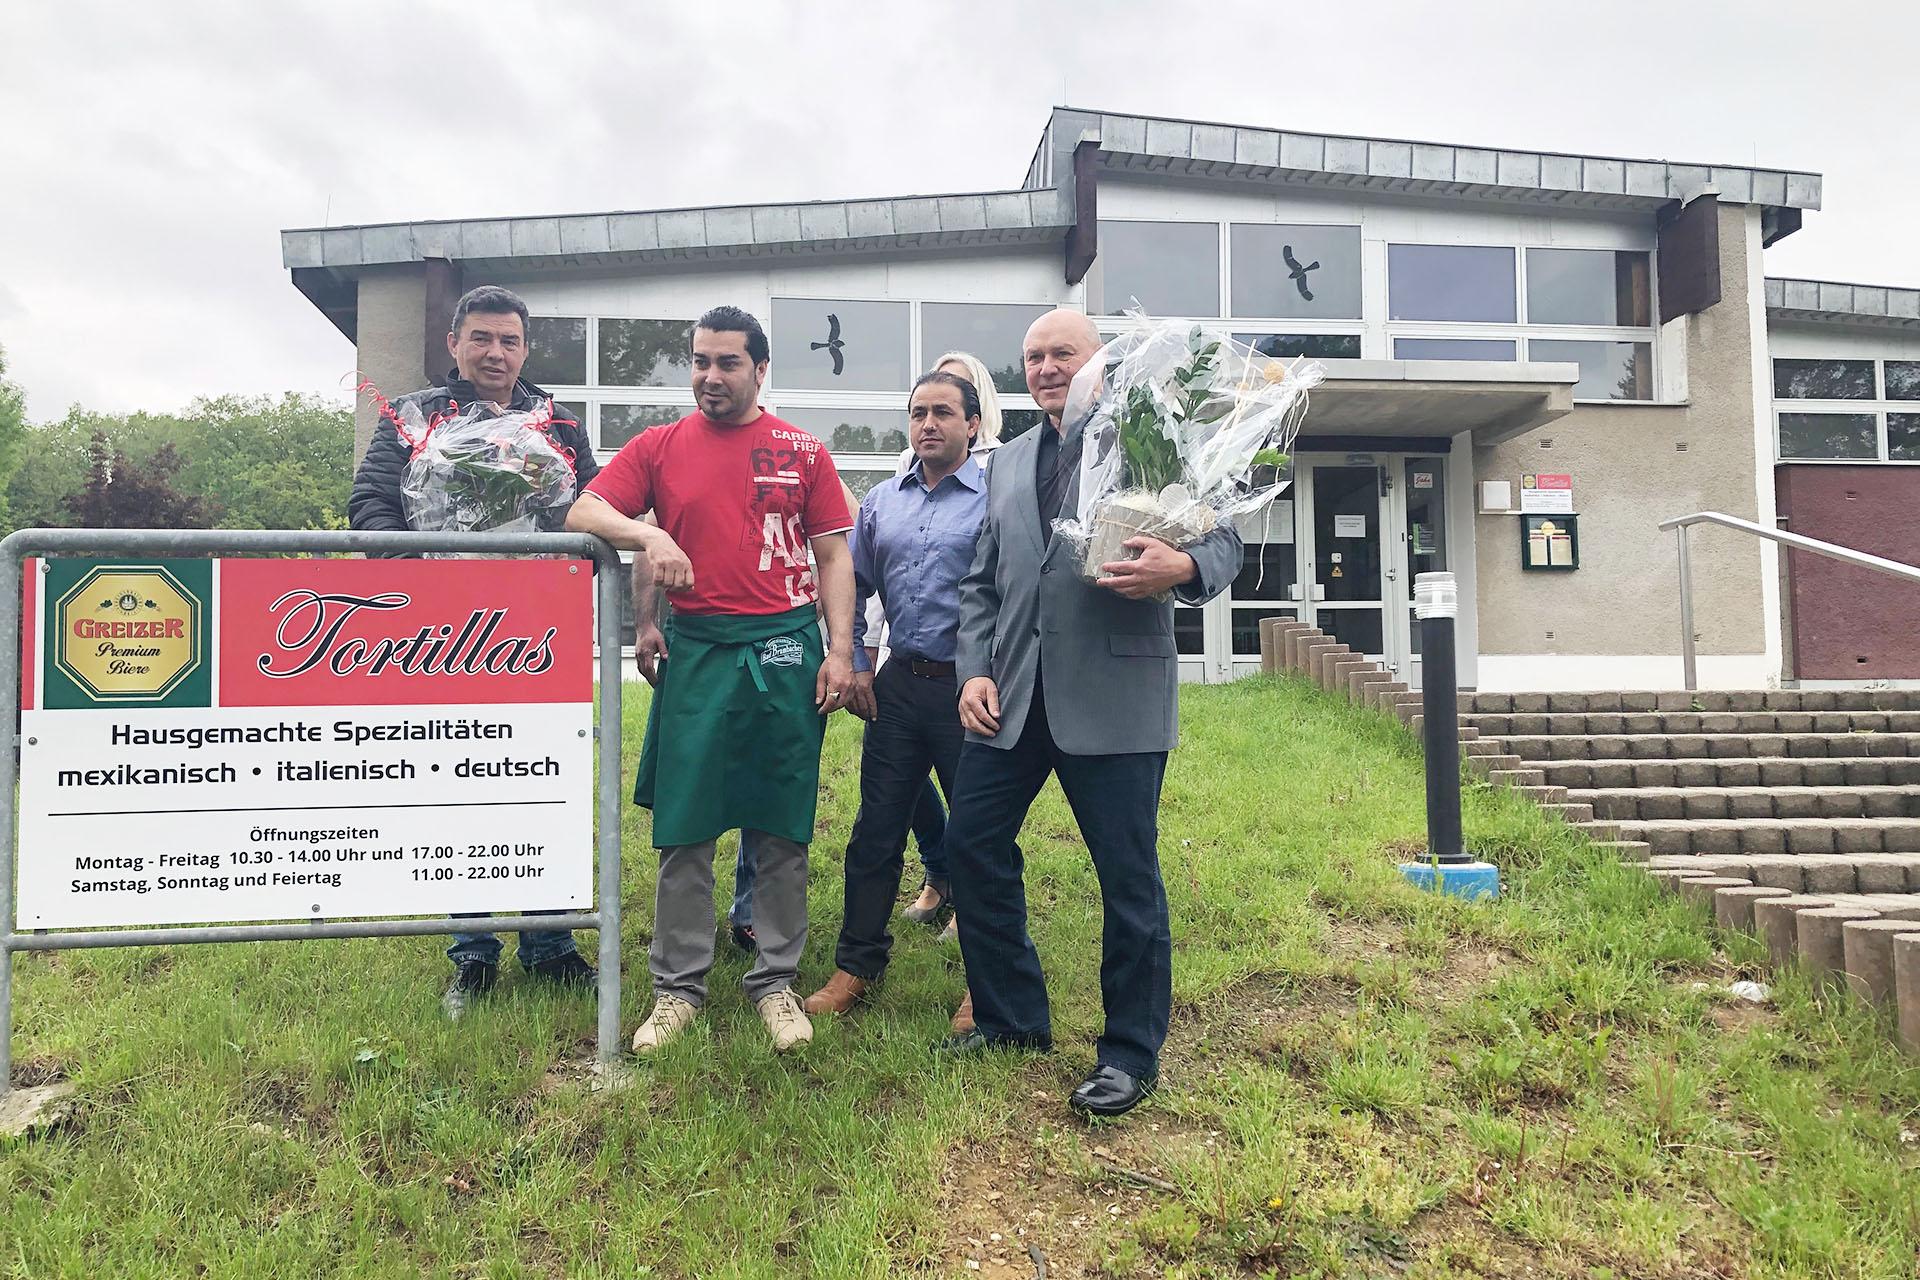 Frank Böttger (r.) und Jan Popp überreichen dem neuen Inhaber der Bad-Gaststätte, Herrn Shinwari, einen Blumengruß